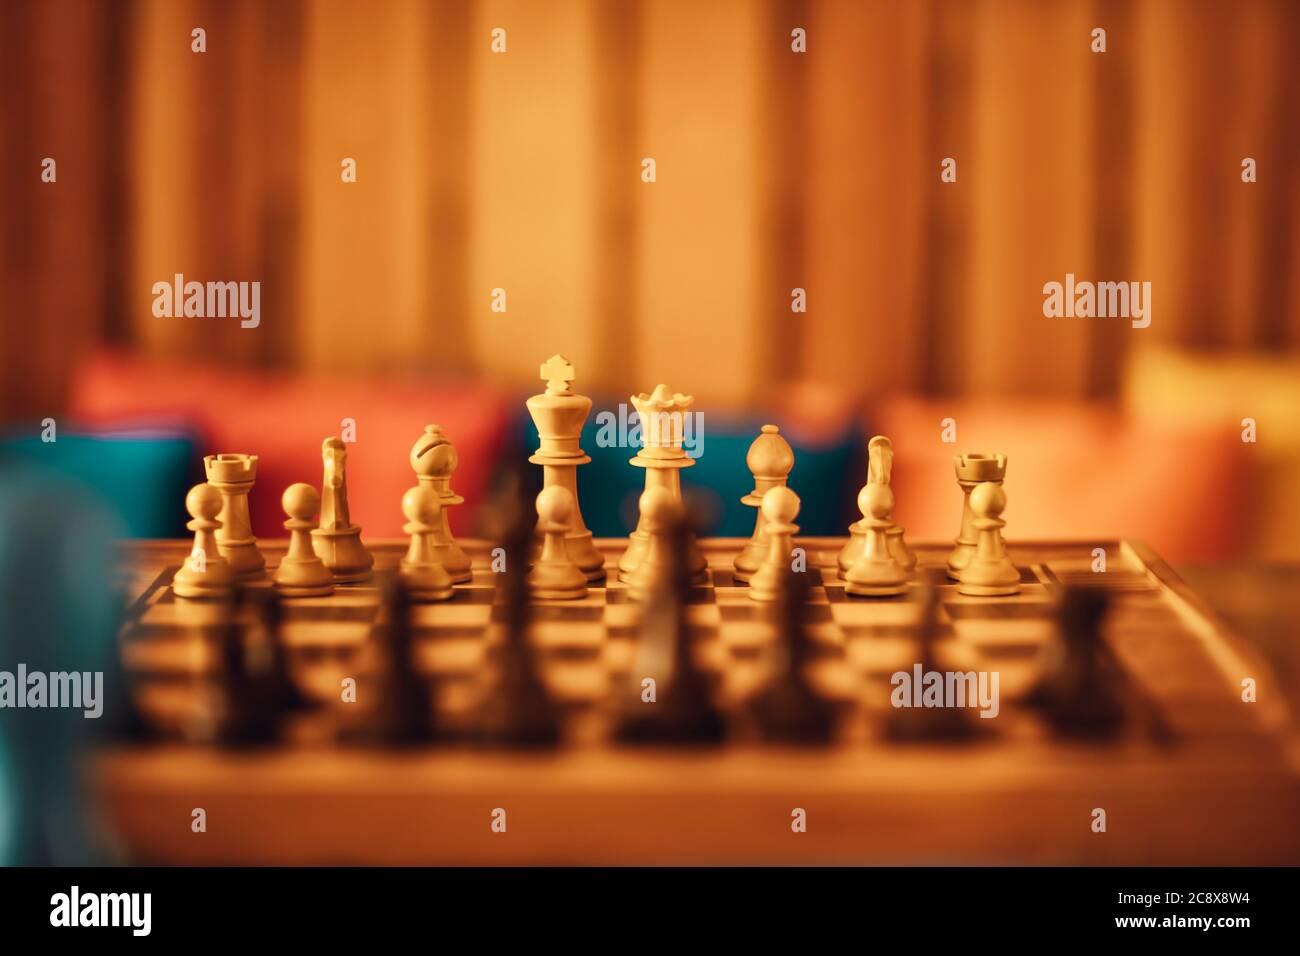 Juego de Ajedrez. Tablero de ajedrez con figuras. Luz cálida suave. Deportes intelectuales. Foto de stock